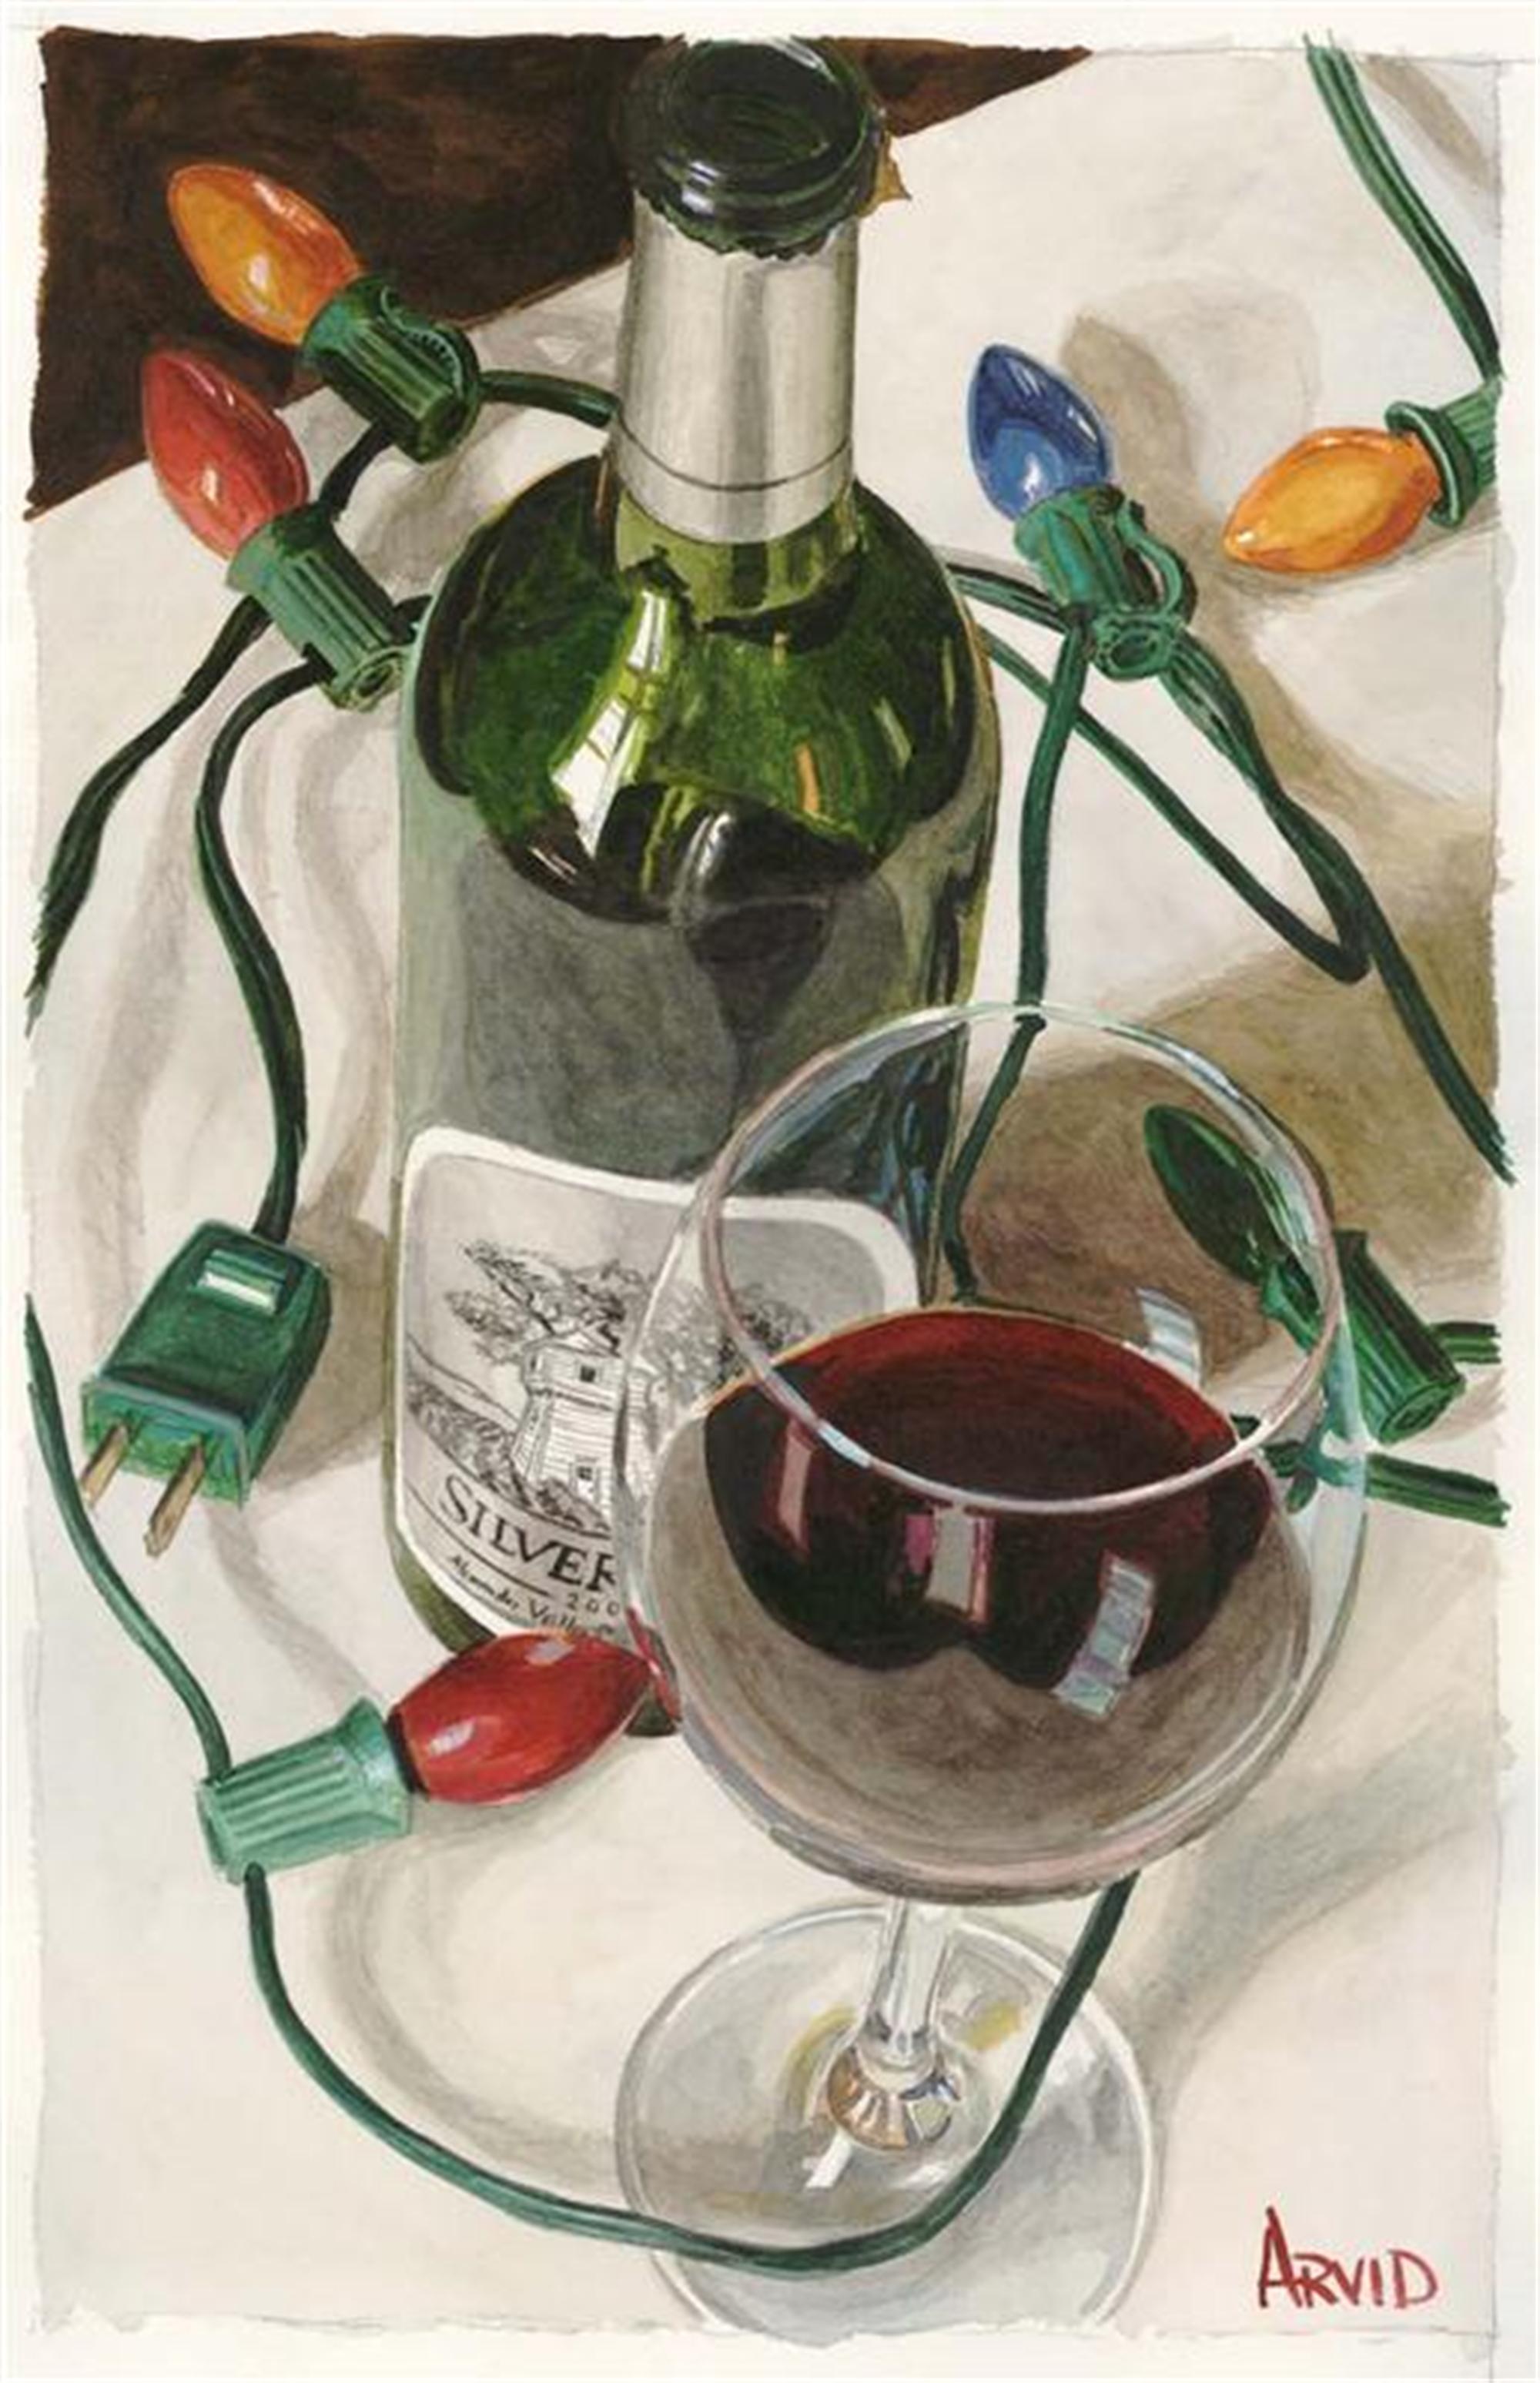 Holiday Cheer by Thomas Arvid